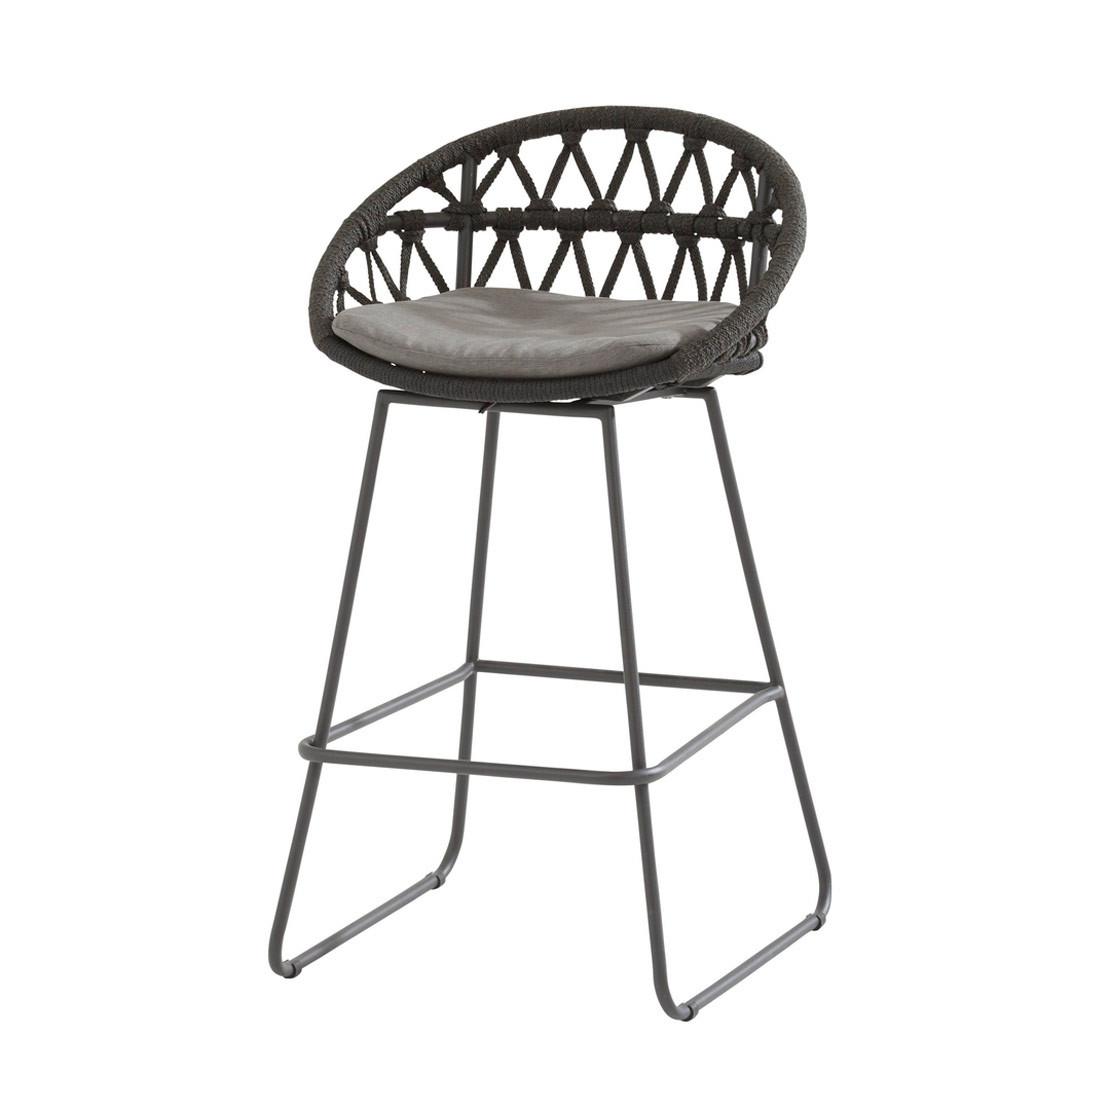 Motivi Bar chair with cushion